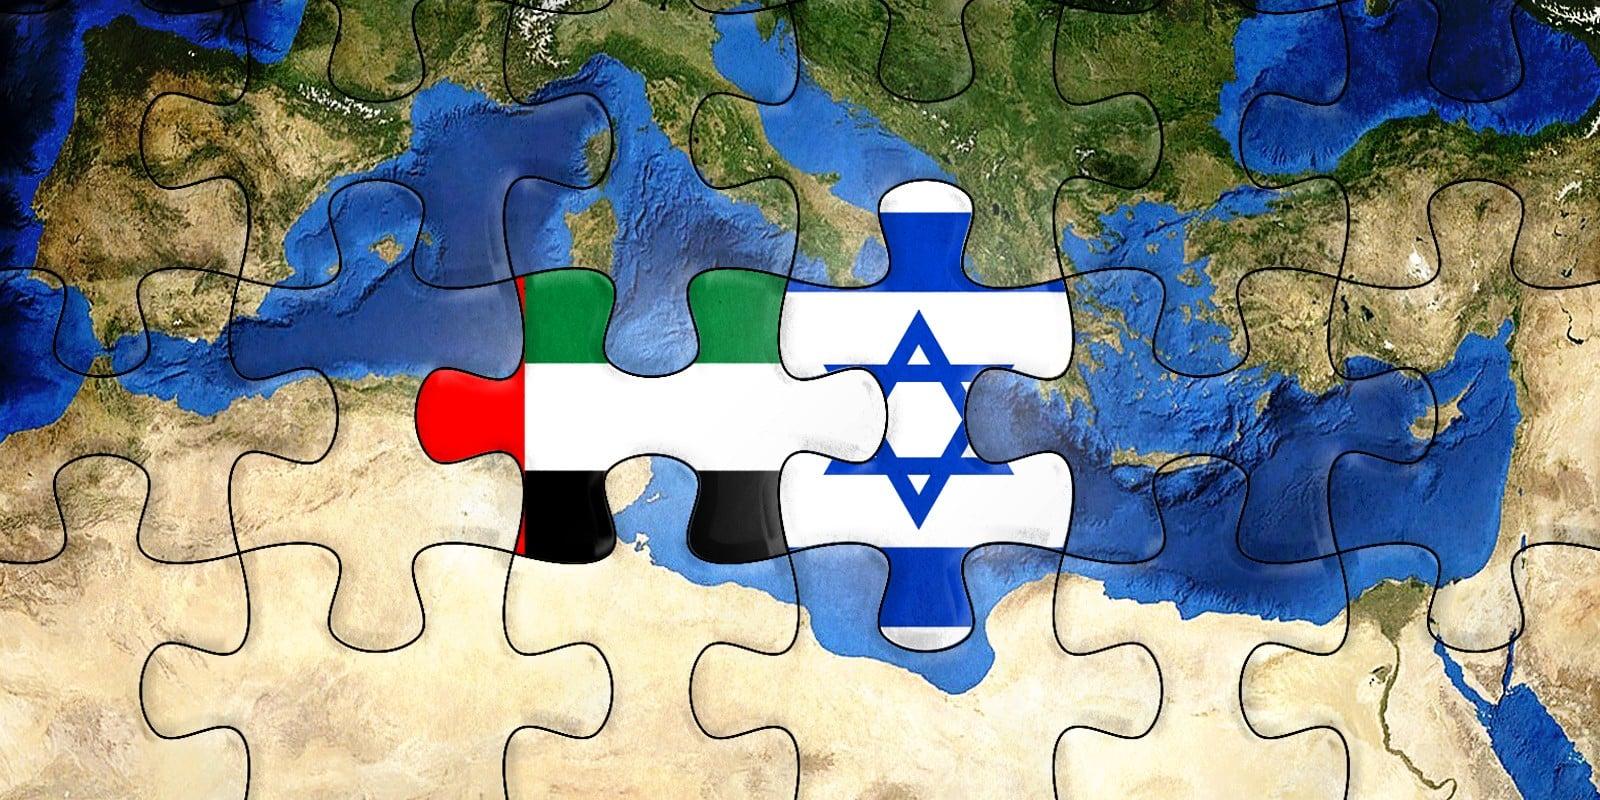 Israel-UAE-Mediterranean-Puzzle-Illustration